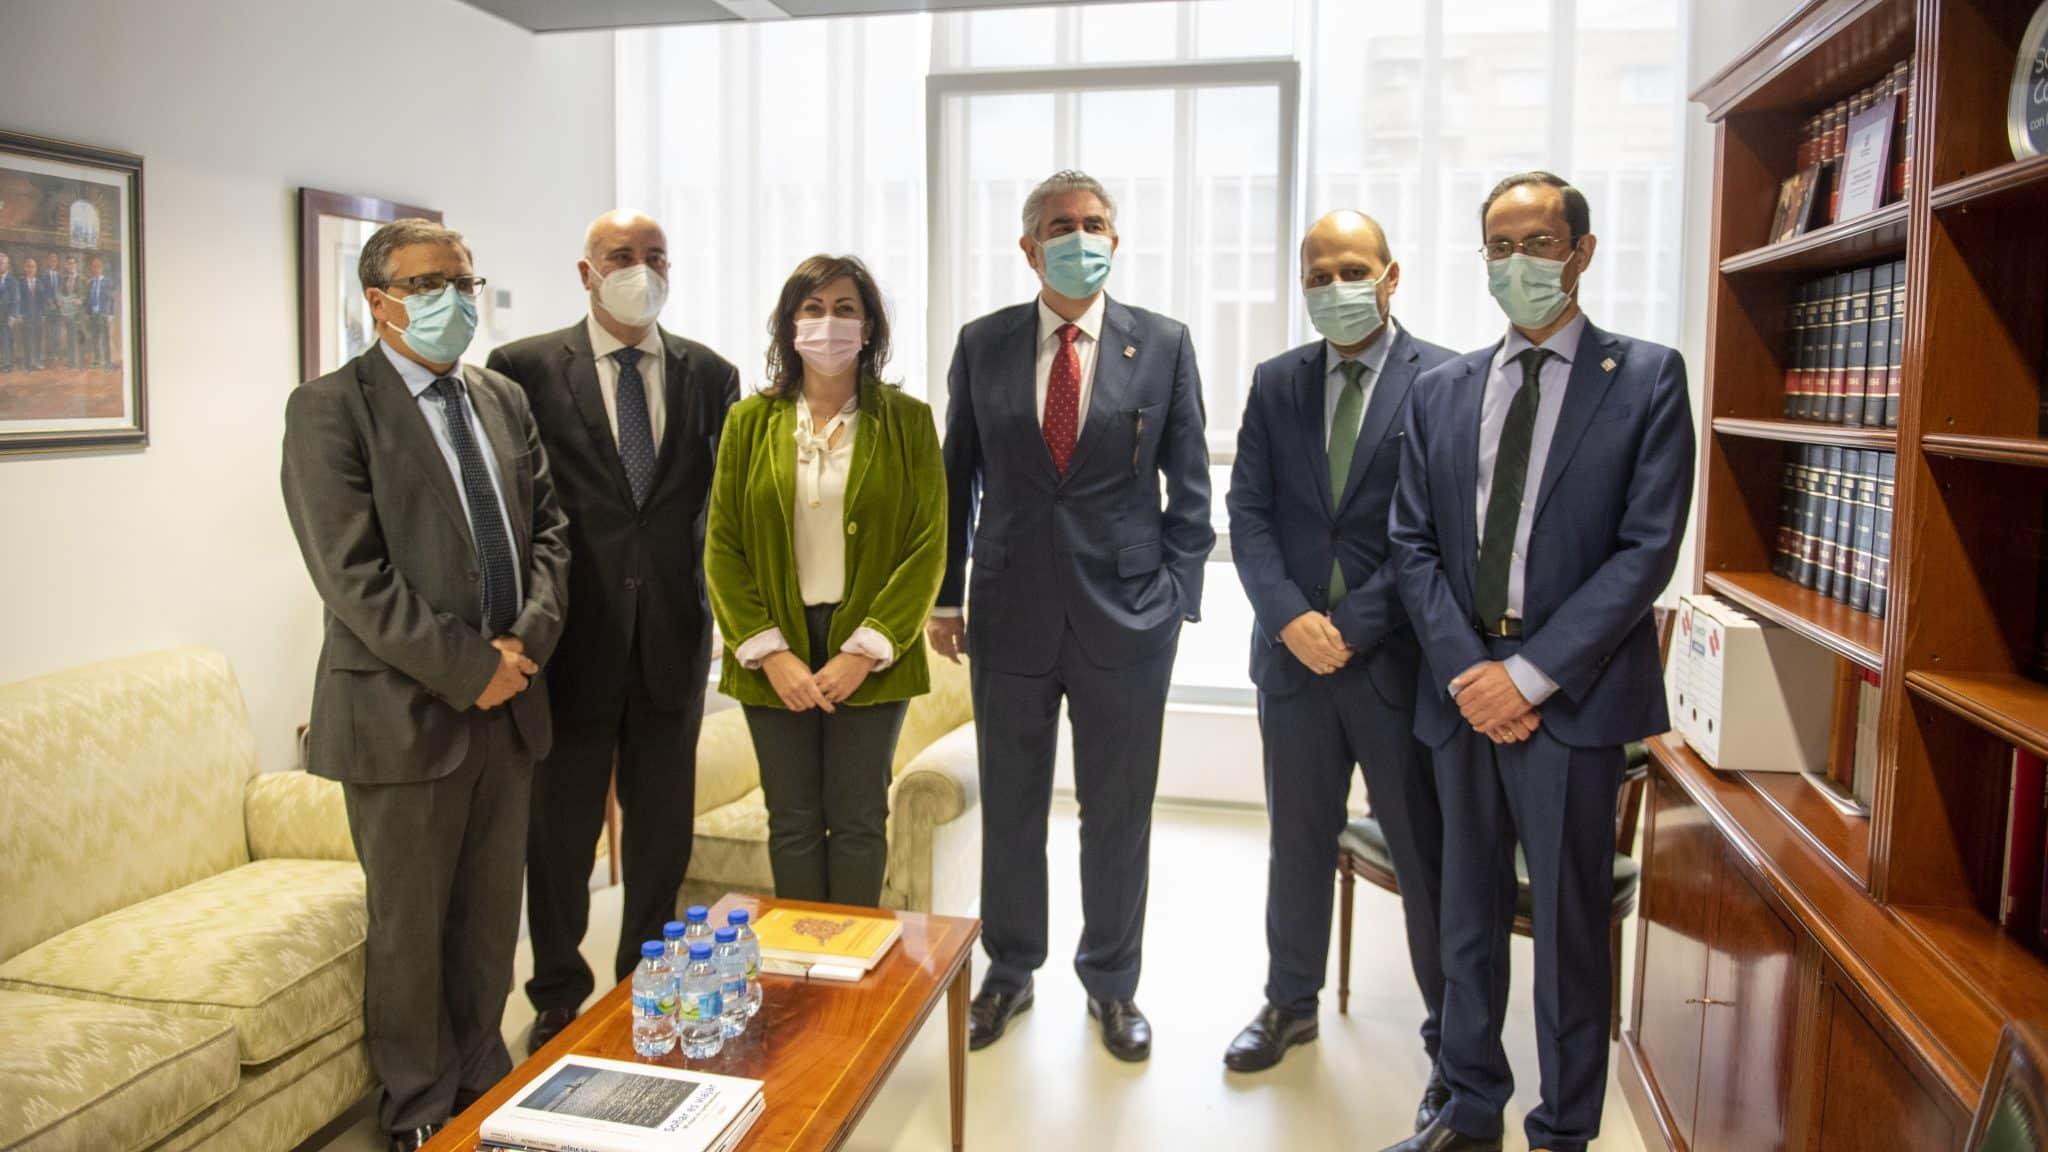 Mejoras en el Juzgado de Violencia sobre la mujer de La Rioja: intimidad plena para víctimas y dos nuevos equipos psicosociales 1